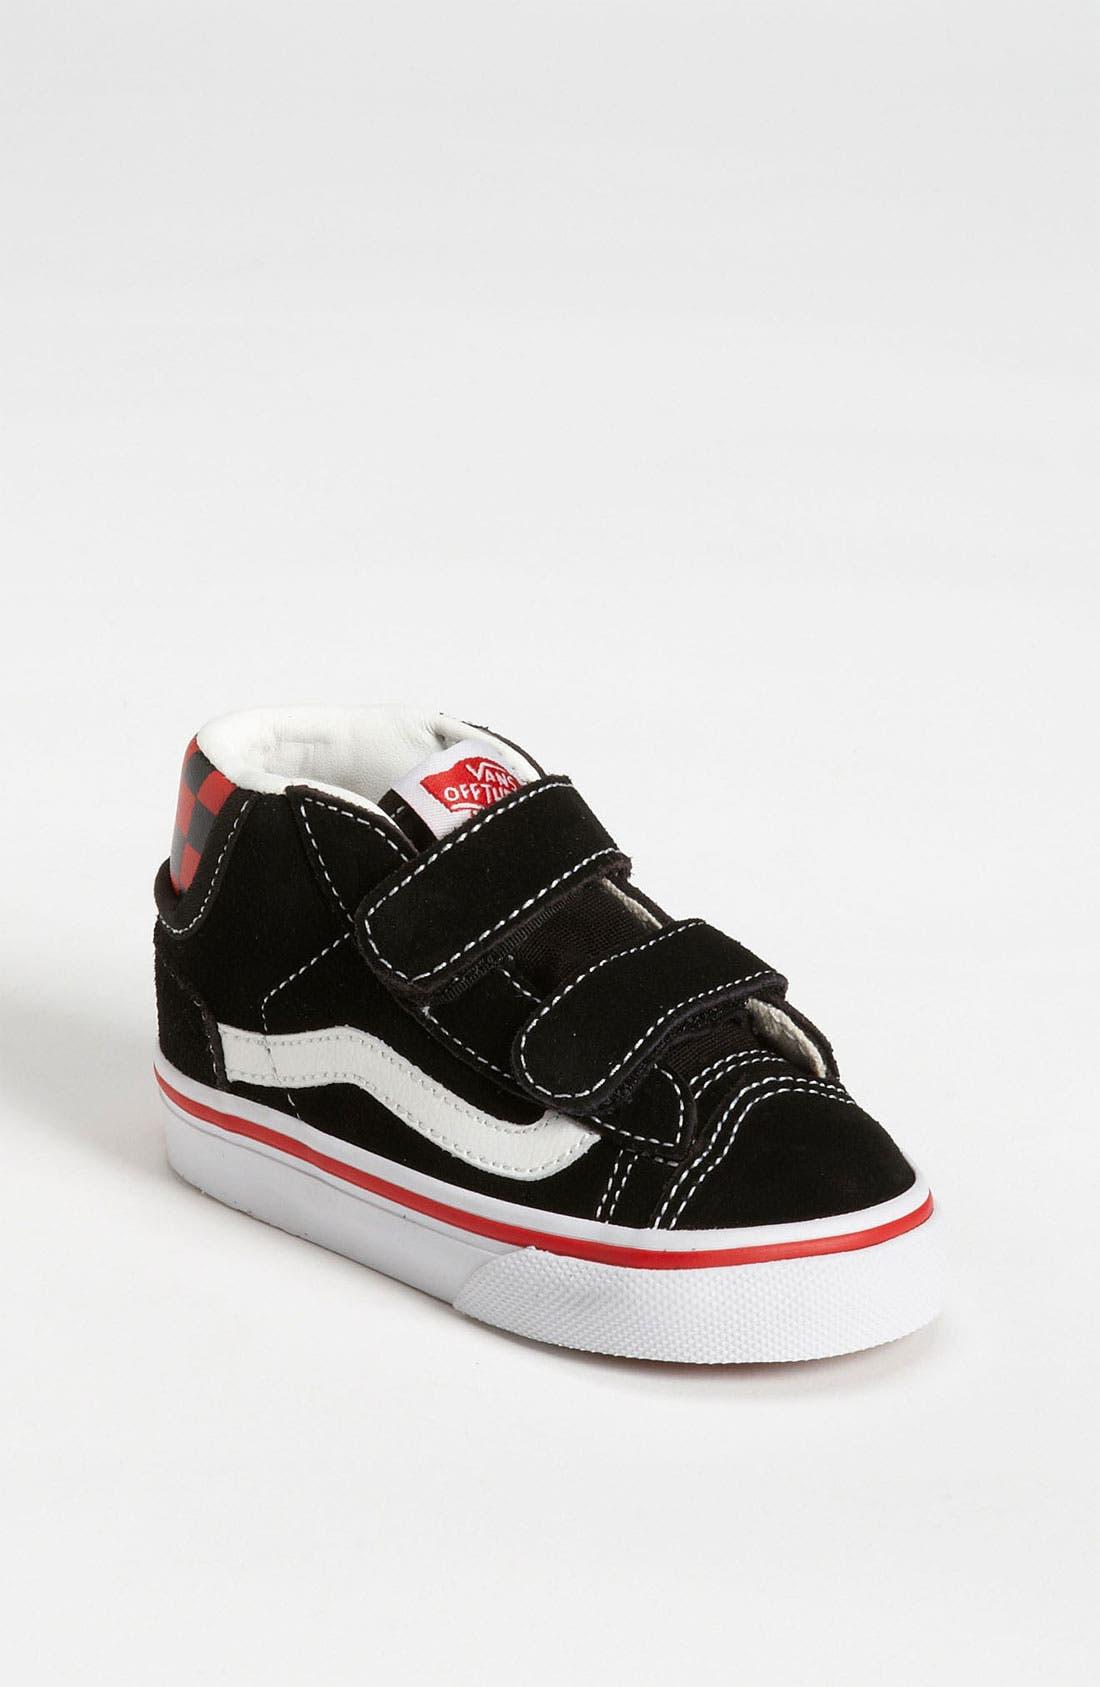 Alternate Image 1 Selected - Vans 'Mid Skool 77' Skate Shoe (Baby, Walker, Toddler, Little Kid & Big Kid)